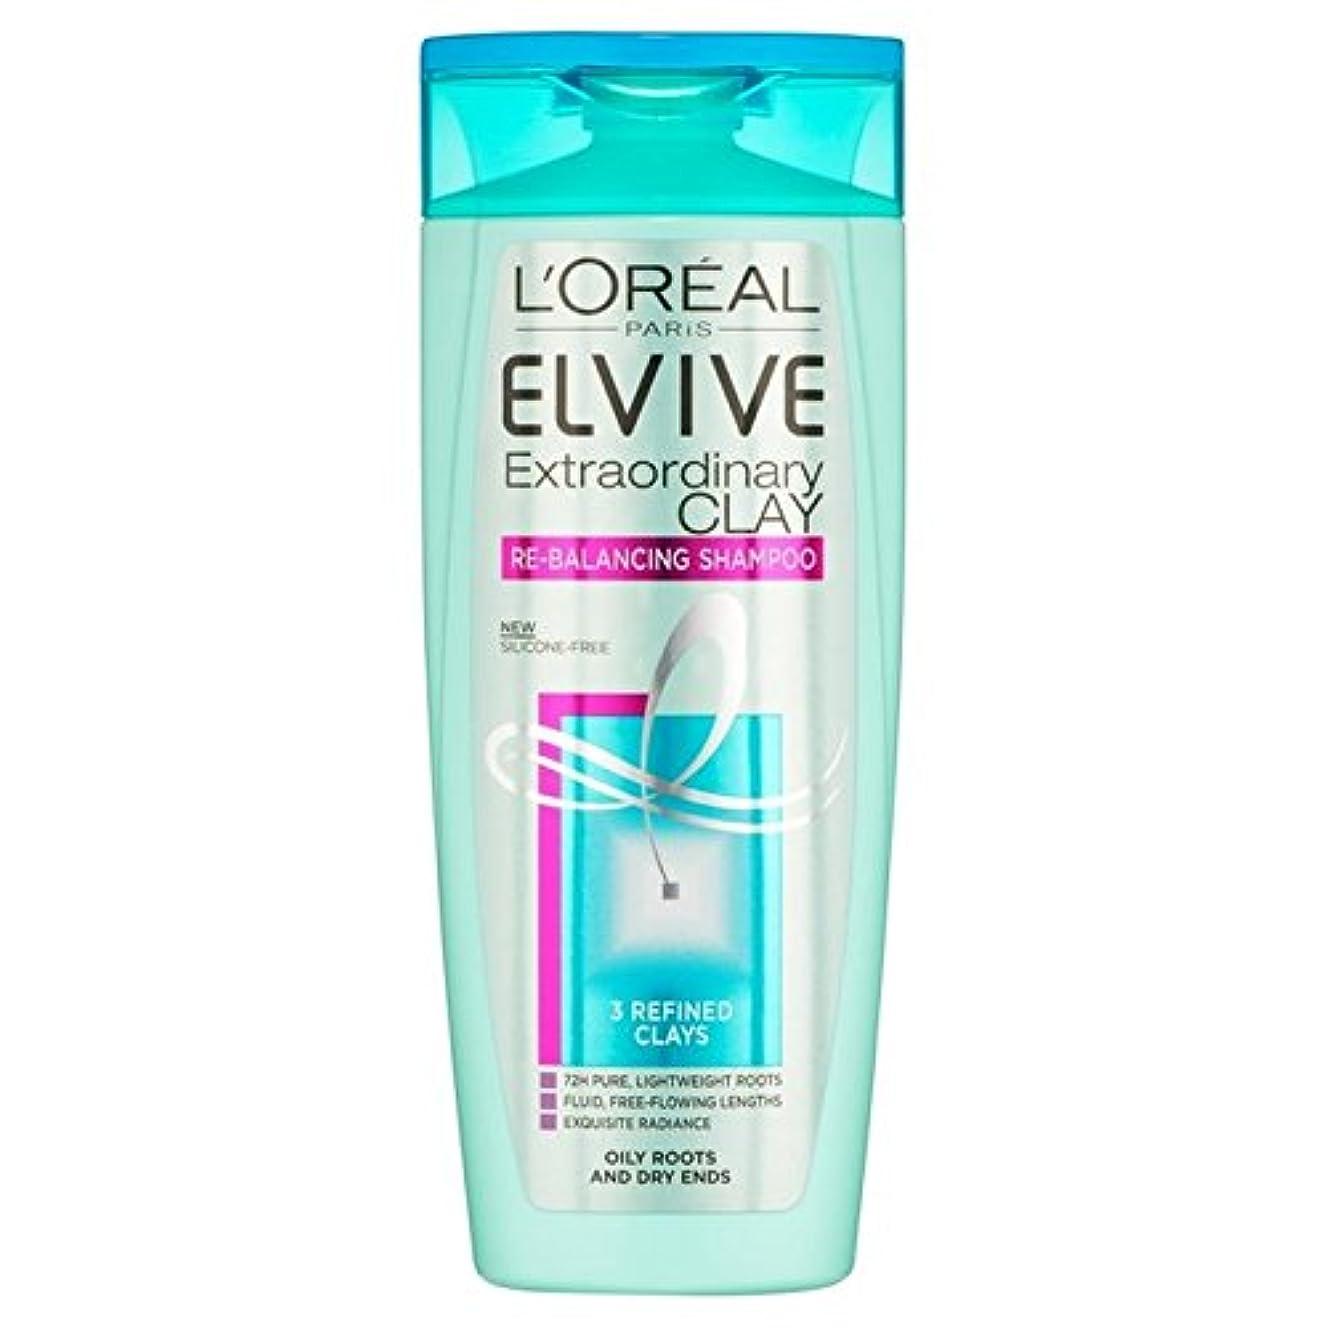 歯科の被害者有効L'Oreal Paris Elvive Extraordinary Clay Re-Balancing Shampoo 250ml - ロレアルパリ臨時粘土再バランシングシャンプー250 [並行輸入品]